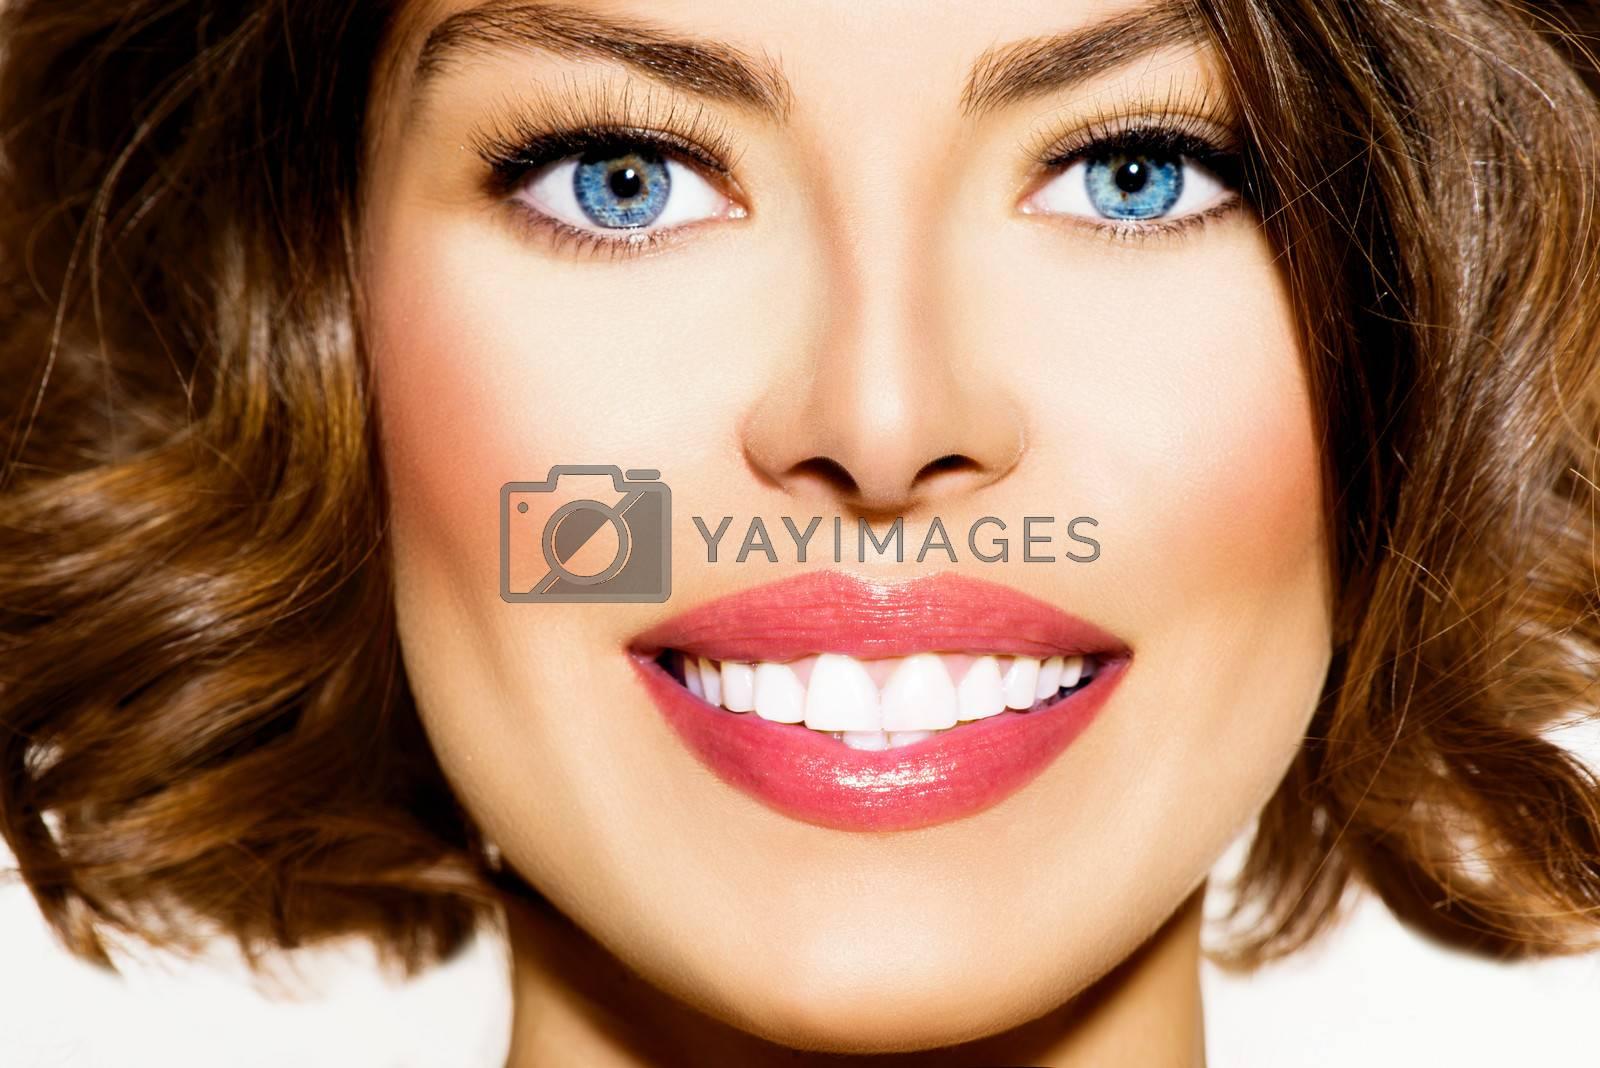 Teeth Whitening. Beautiful Smiling Young Woman Portrait closeup